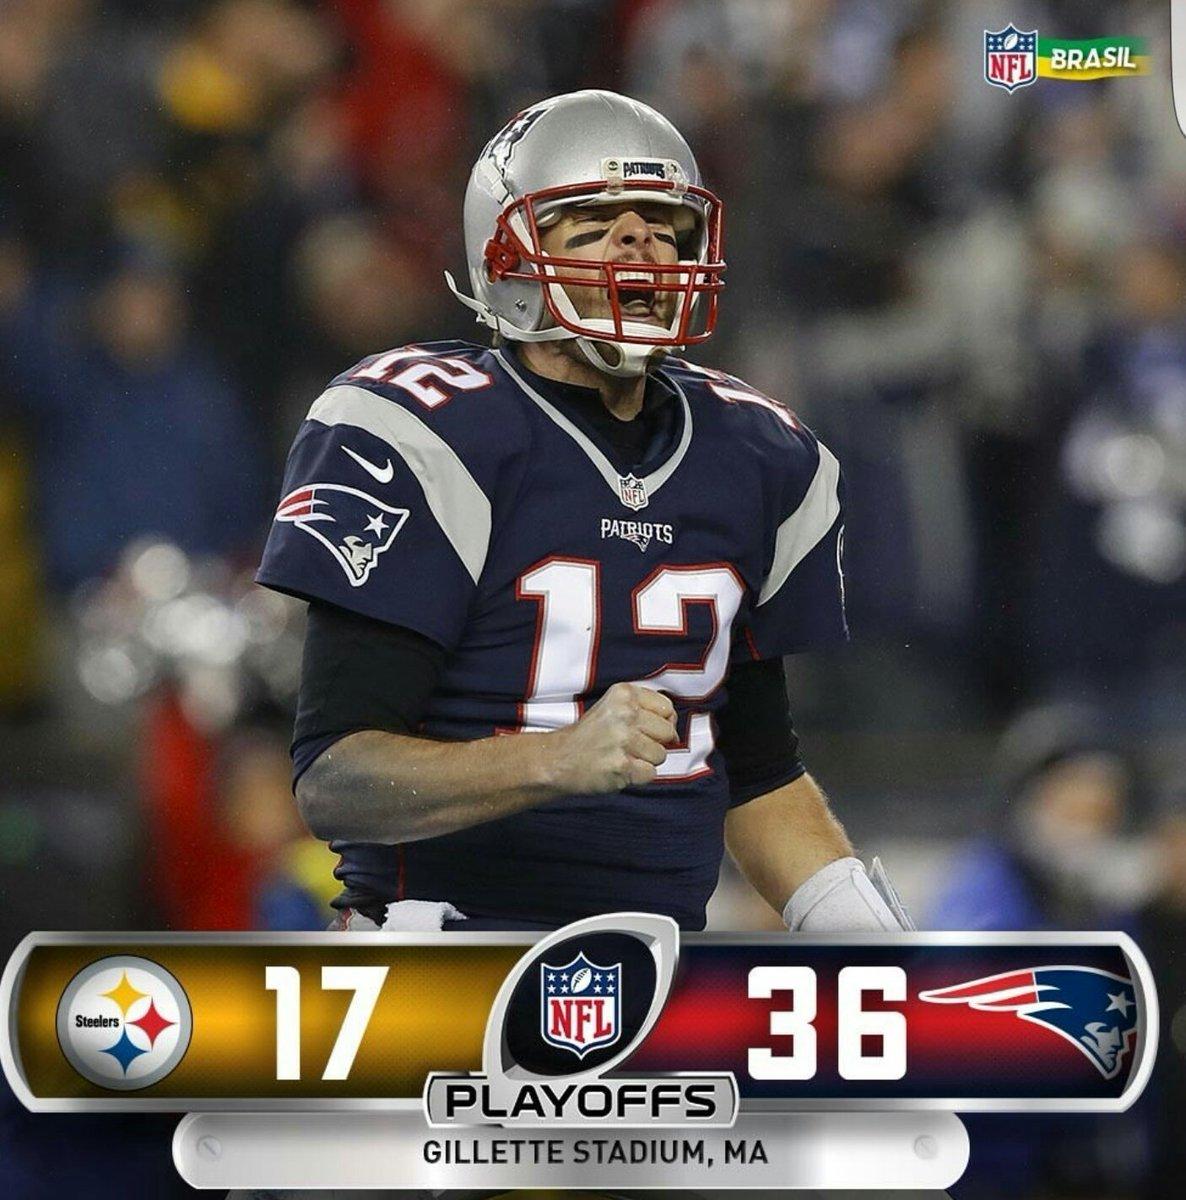 Go @Patriots, superbowl 51!!! #NFLPlayoffs #PlayoffsNFLnaESPN #TomBrady<br>http://pic.twitter.com/AmvokAjWMN